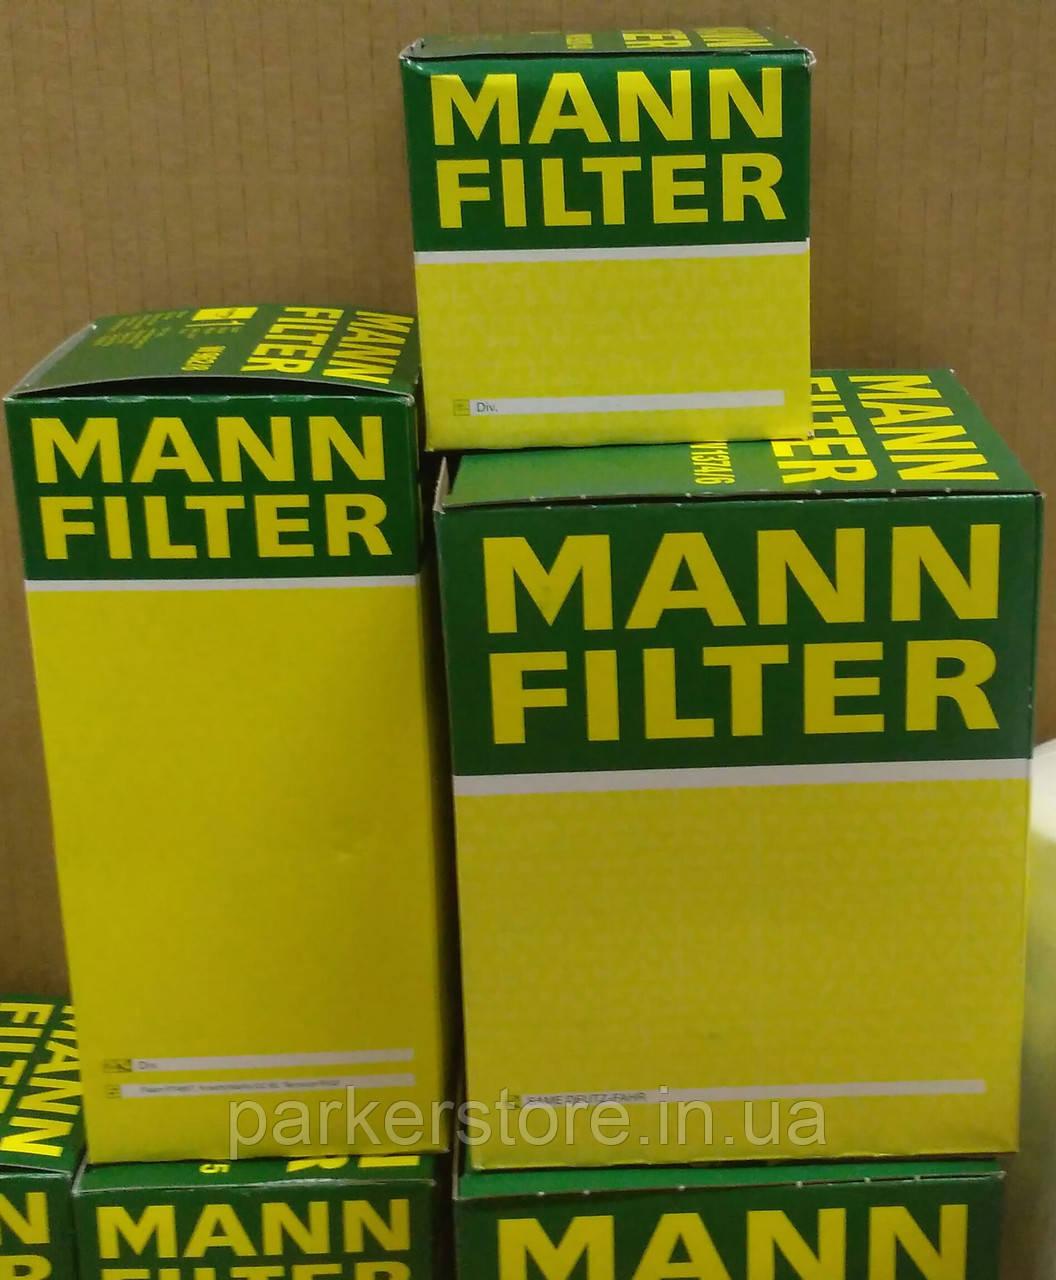 MANN FILTER / Повітряний фільтр / C 26 100 / C26100